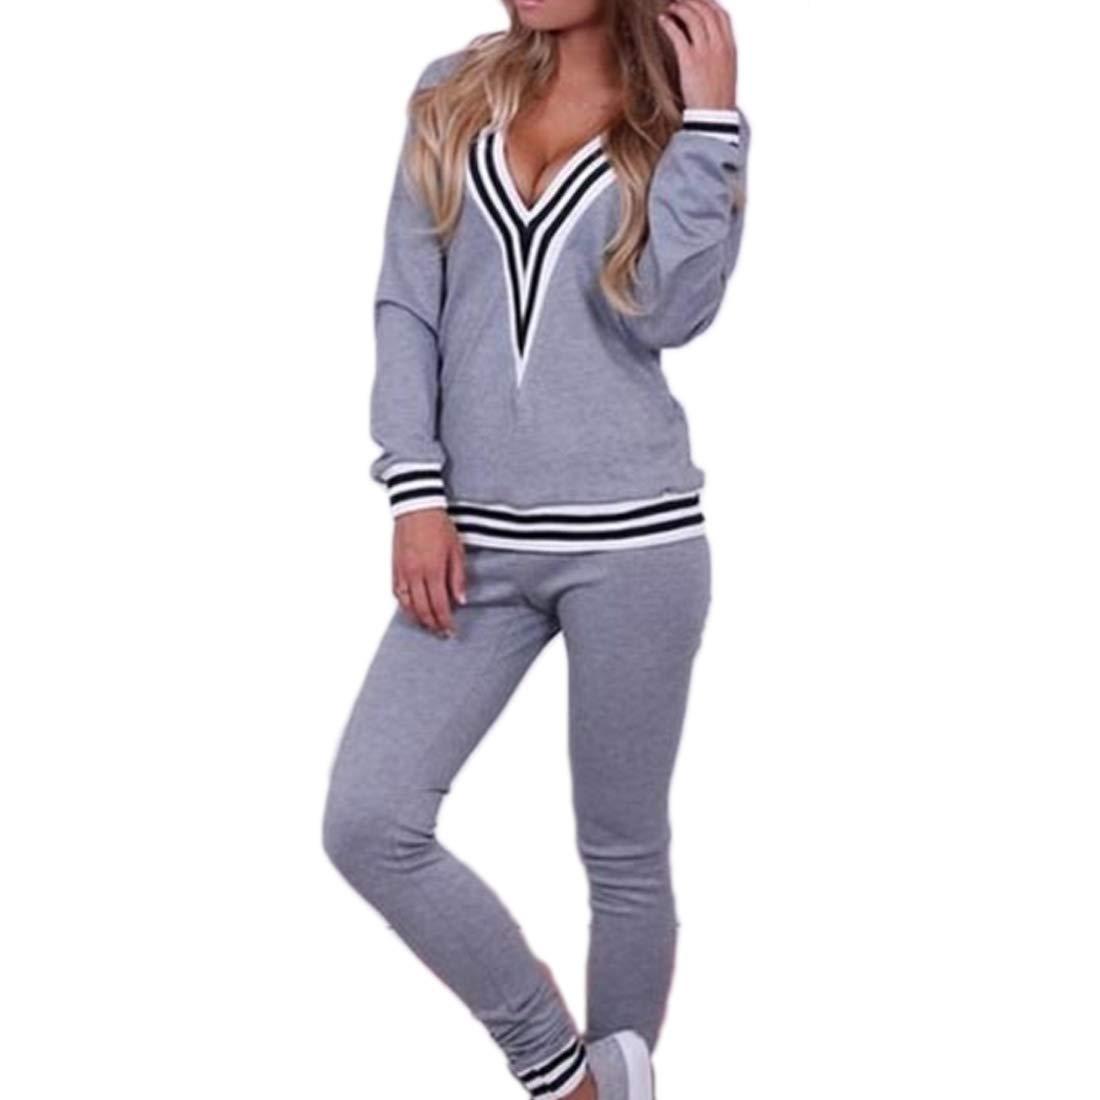 TALLA EU XS=Tag S. Aiweijia Traje Casual Deportivo Profundo en V para Mujer Pantalones de Manga Larga Conjunto de 2 Piezas Conjunto de Ropa Sudadera Deportiva Ropa Deportiva de Yoga Conjunto